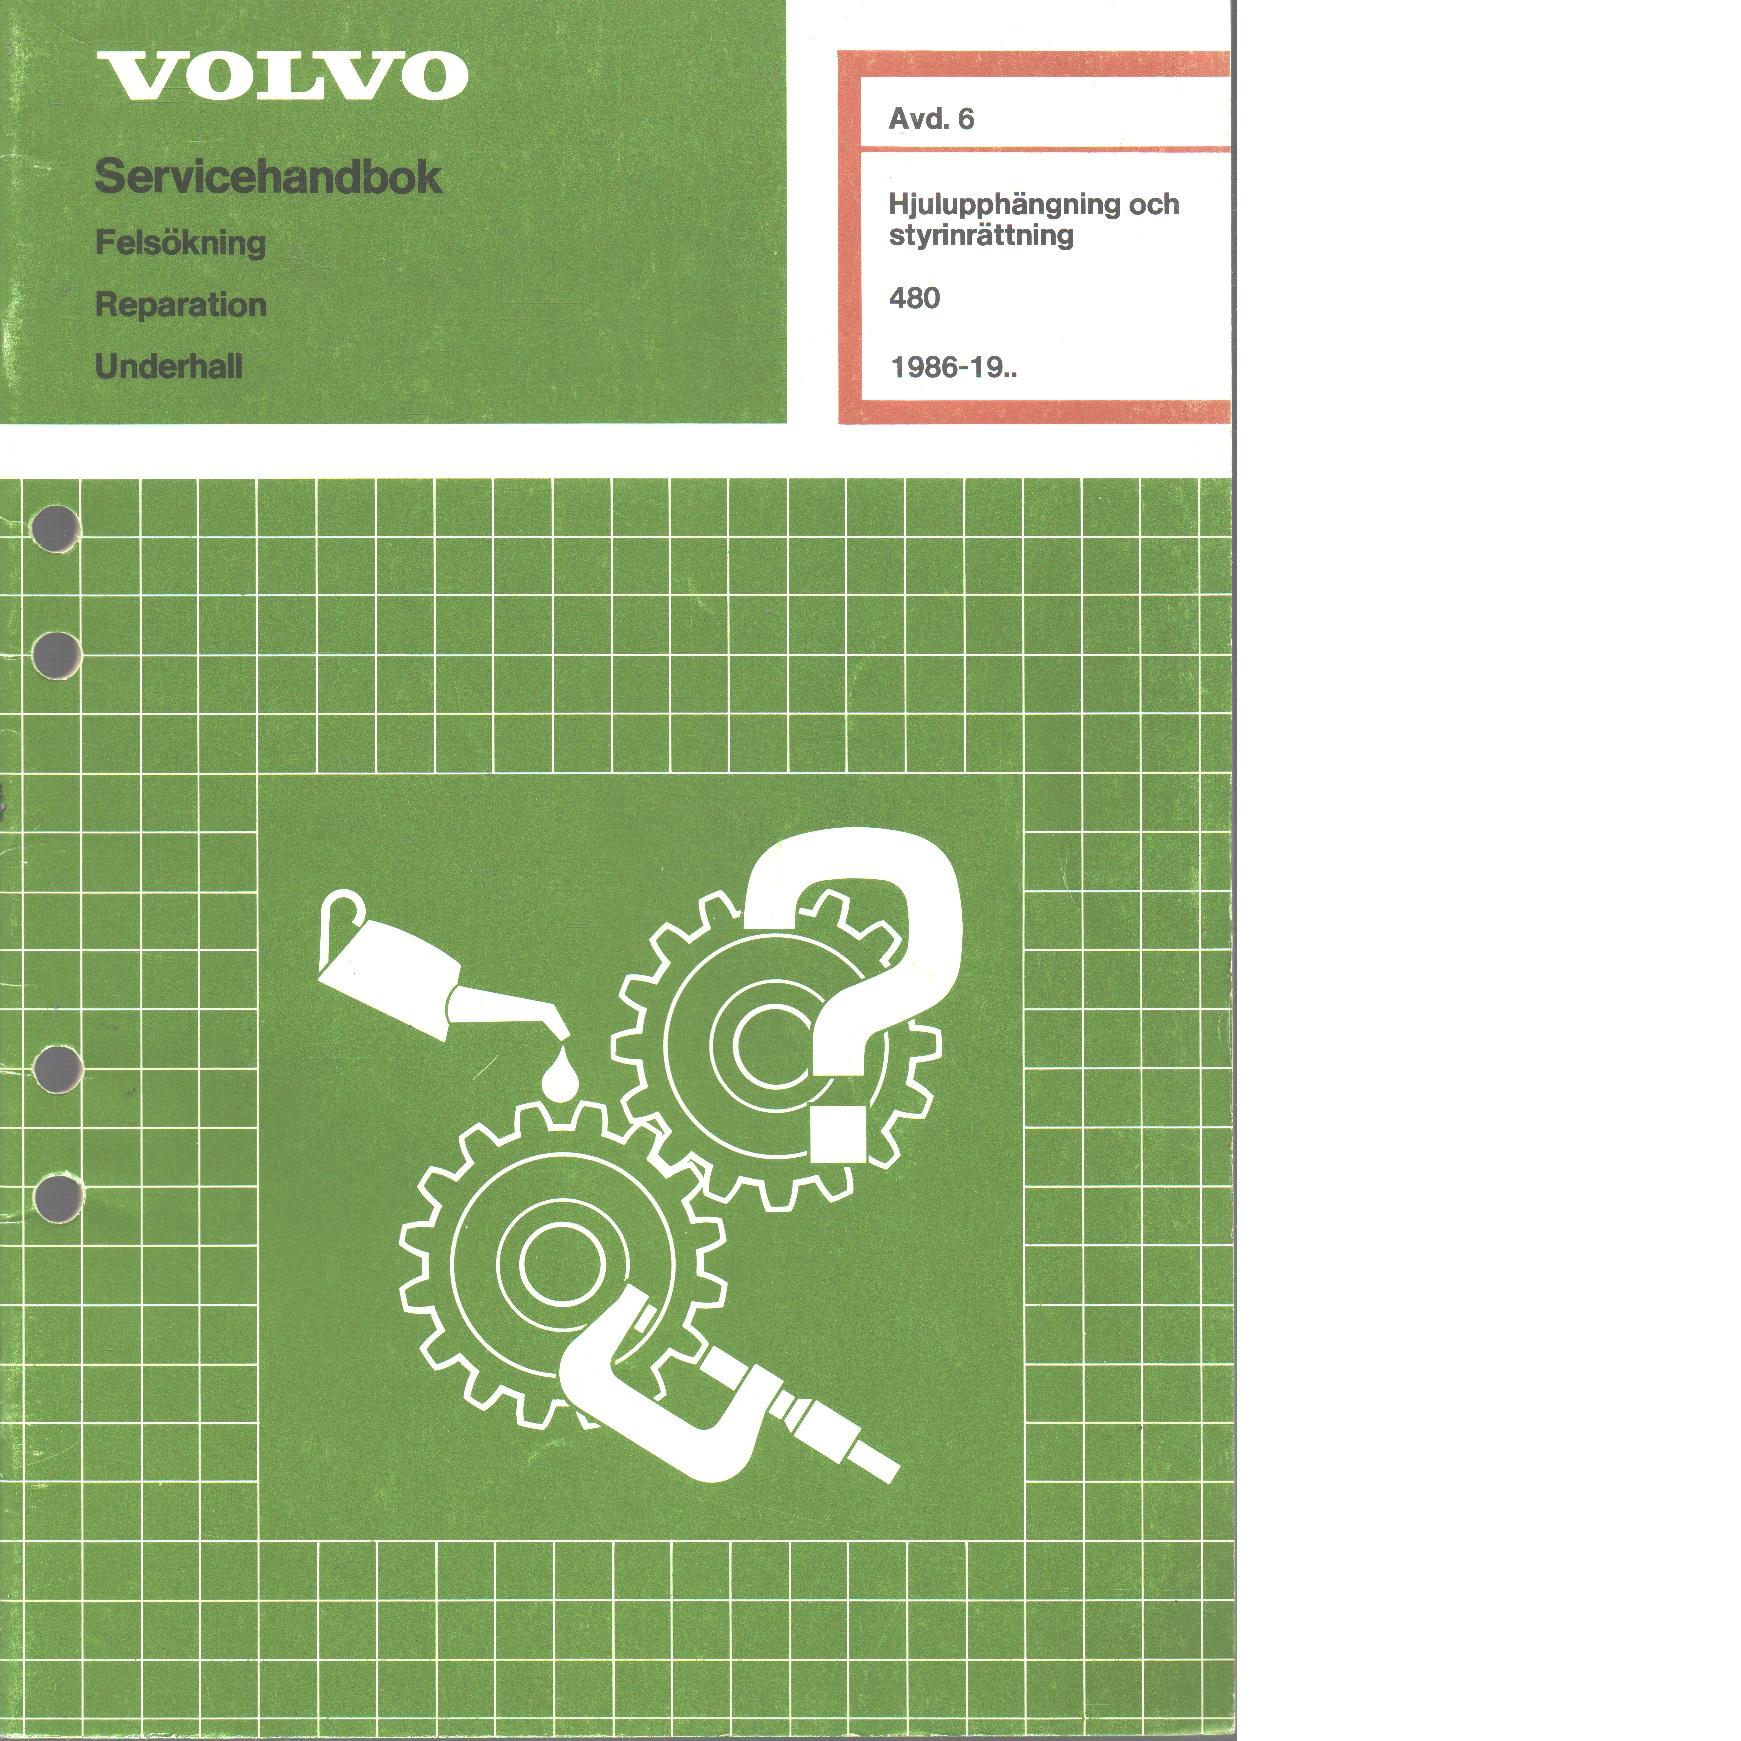 Volvo servicehandbok - Red.